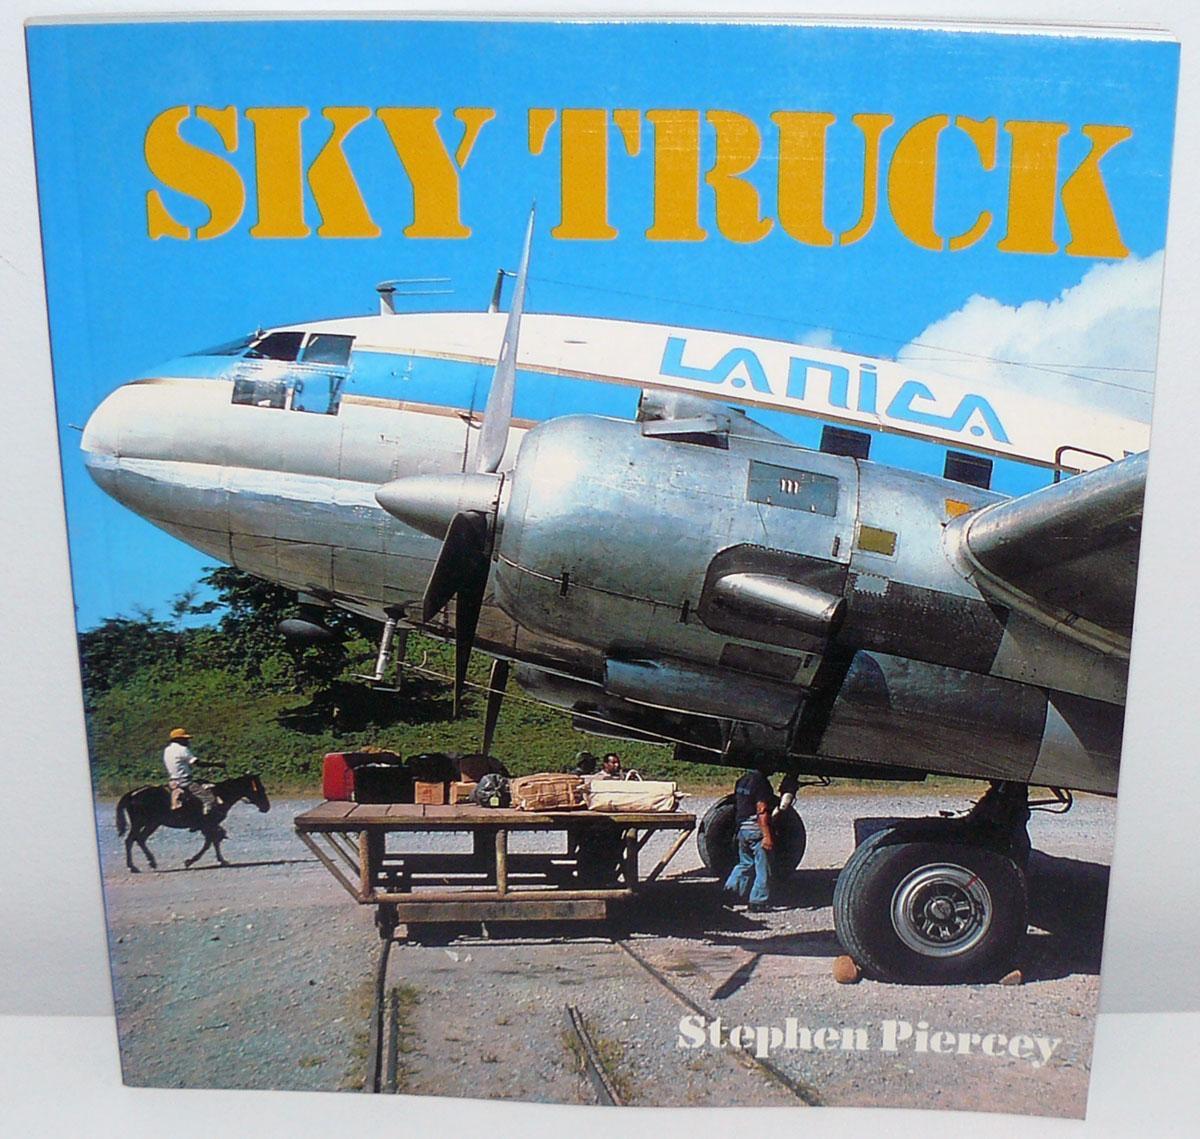 Sky Truck by Stephen Piercey